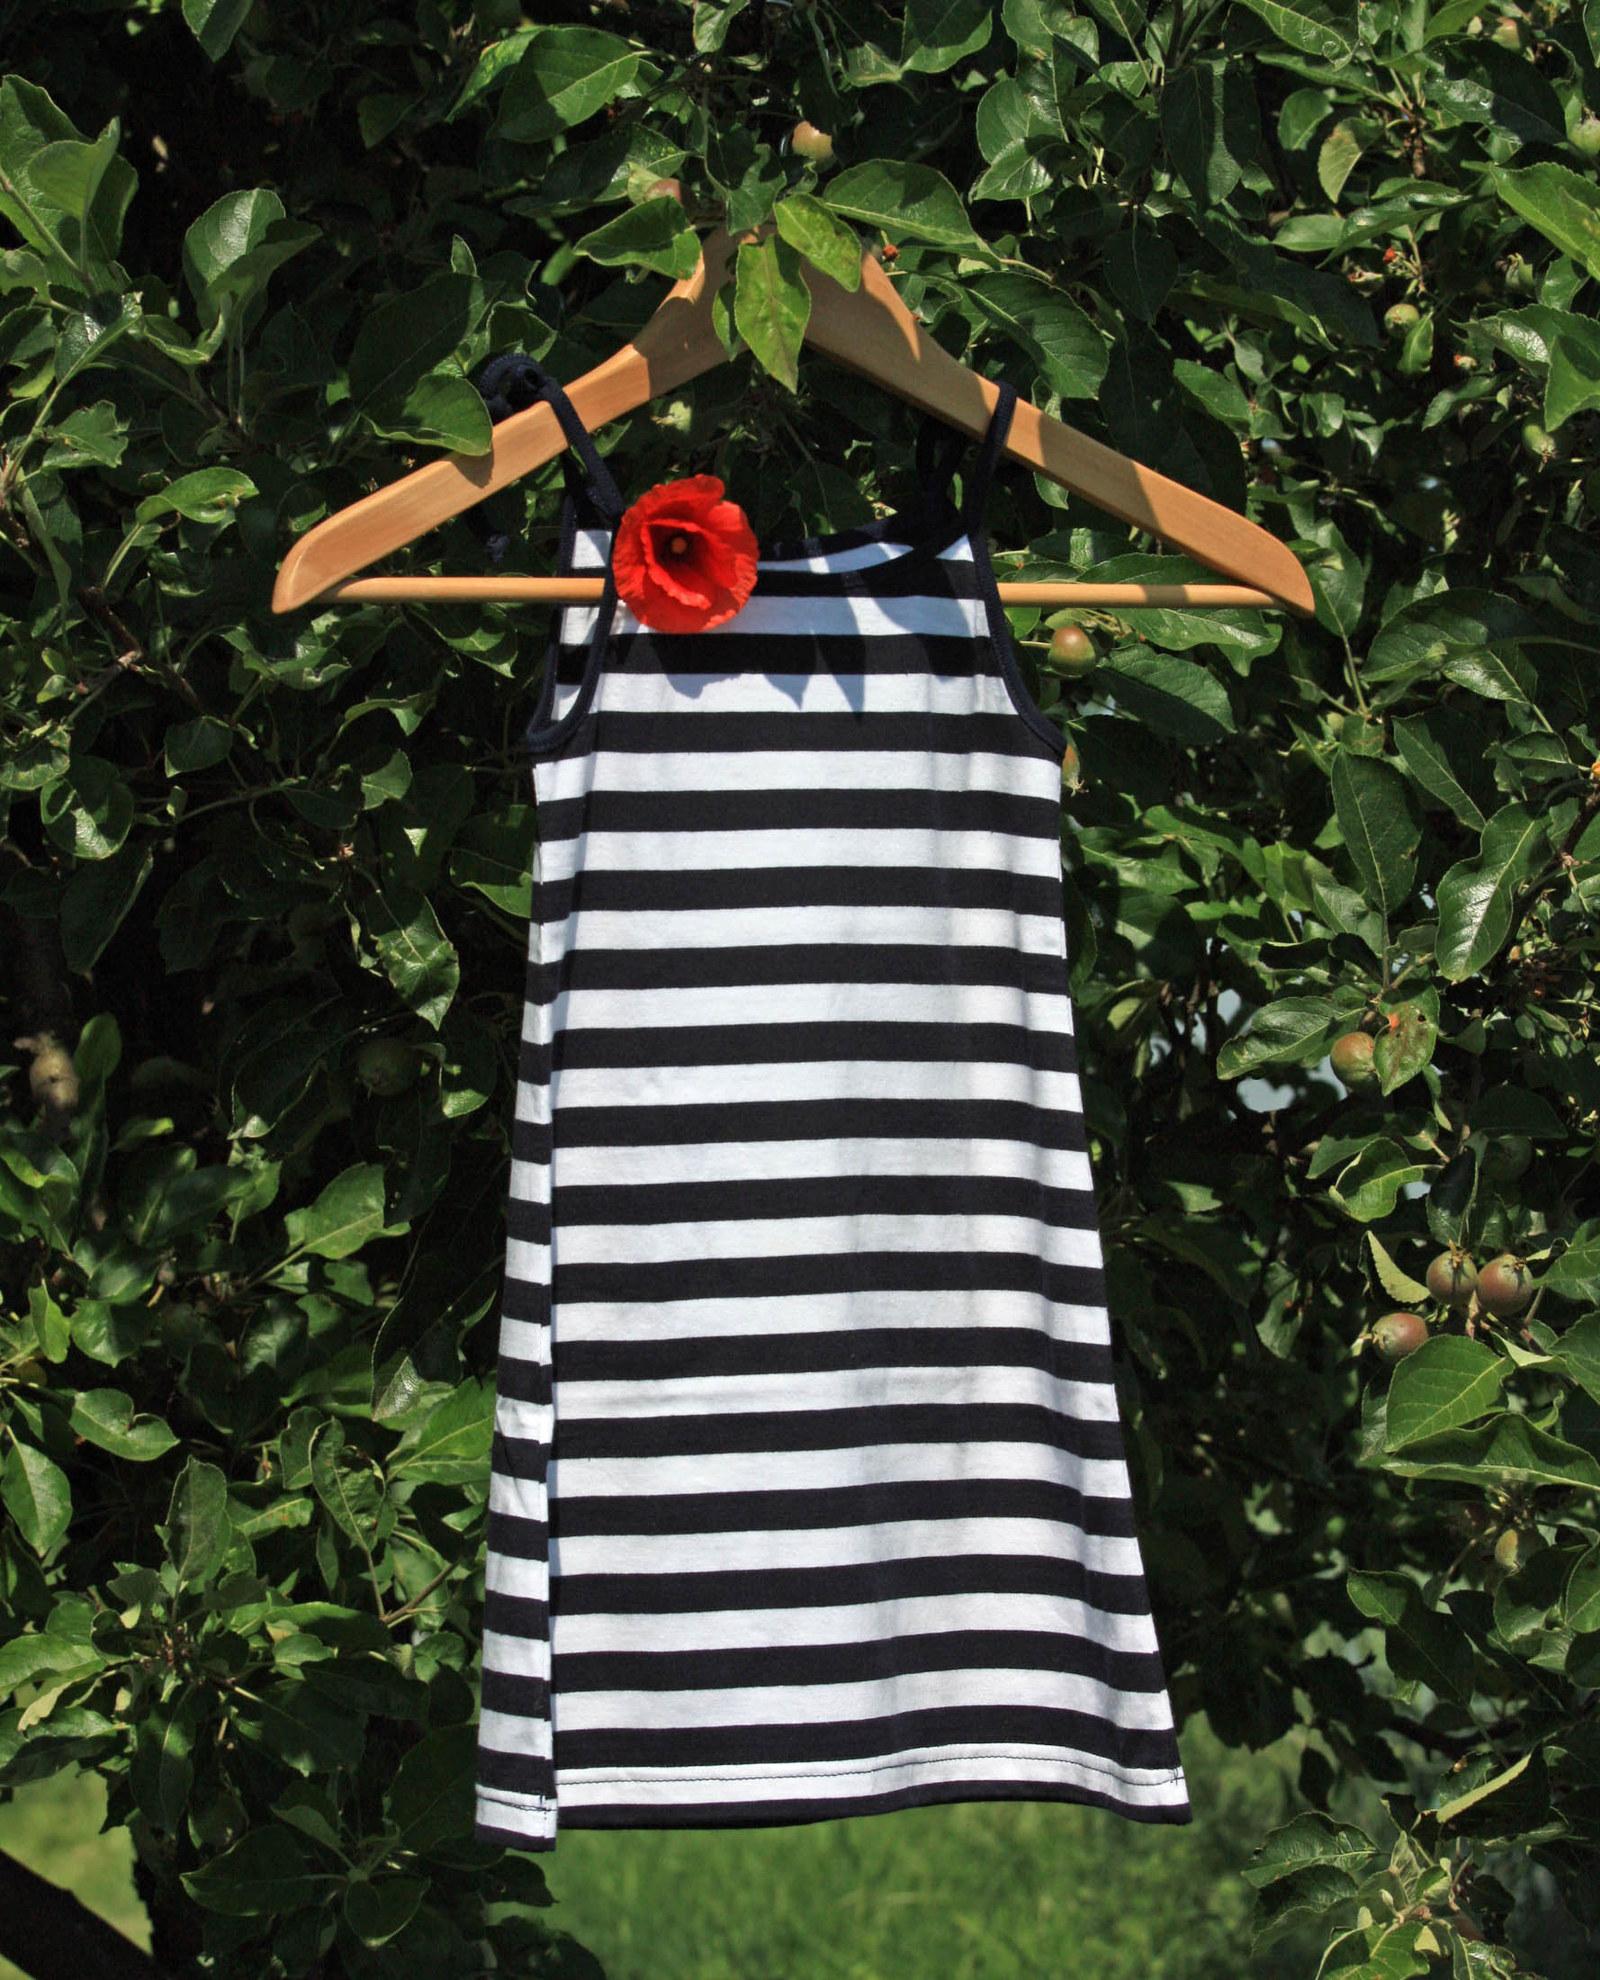 Letní dívčí šaty na ramínka - námořnické   Zboží prodejce jmmoda ... 5d7d783869